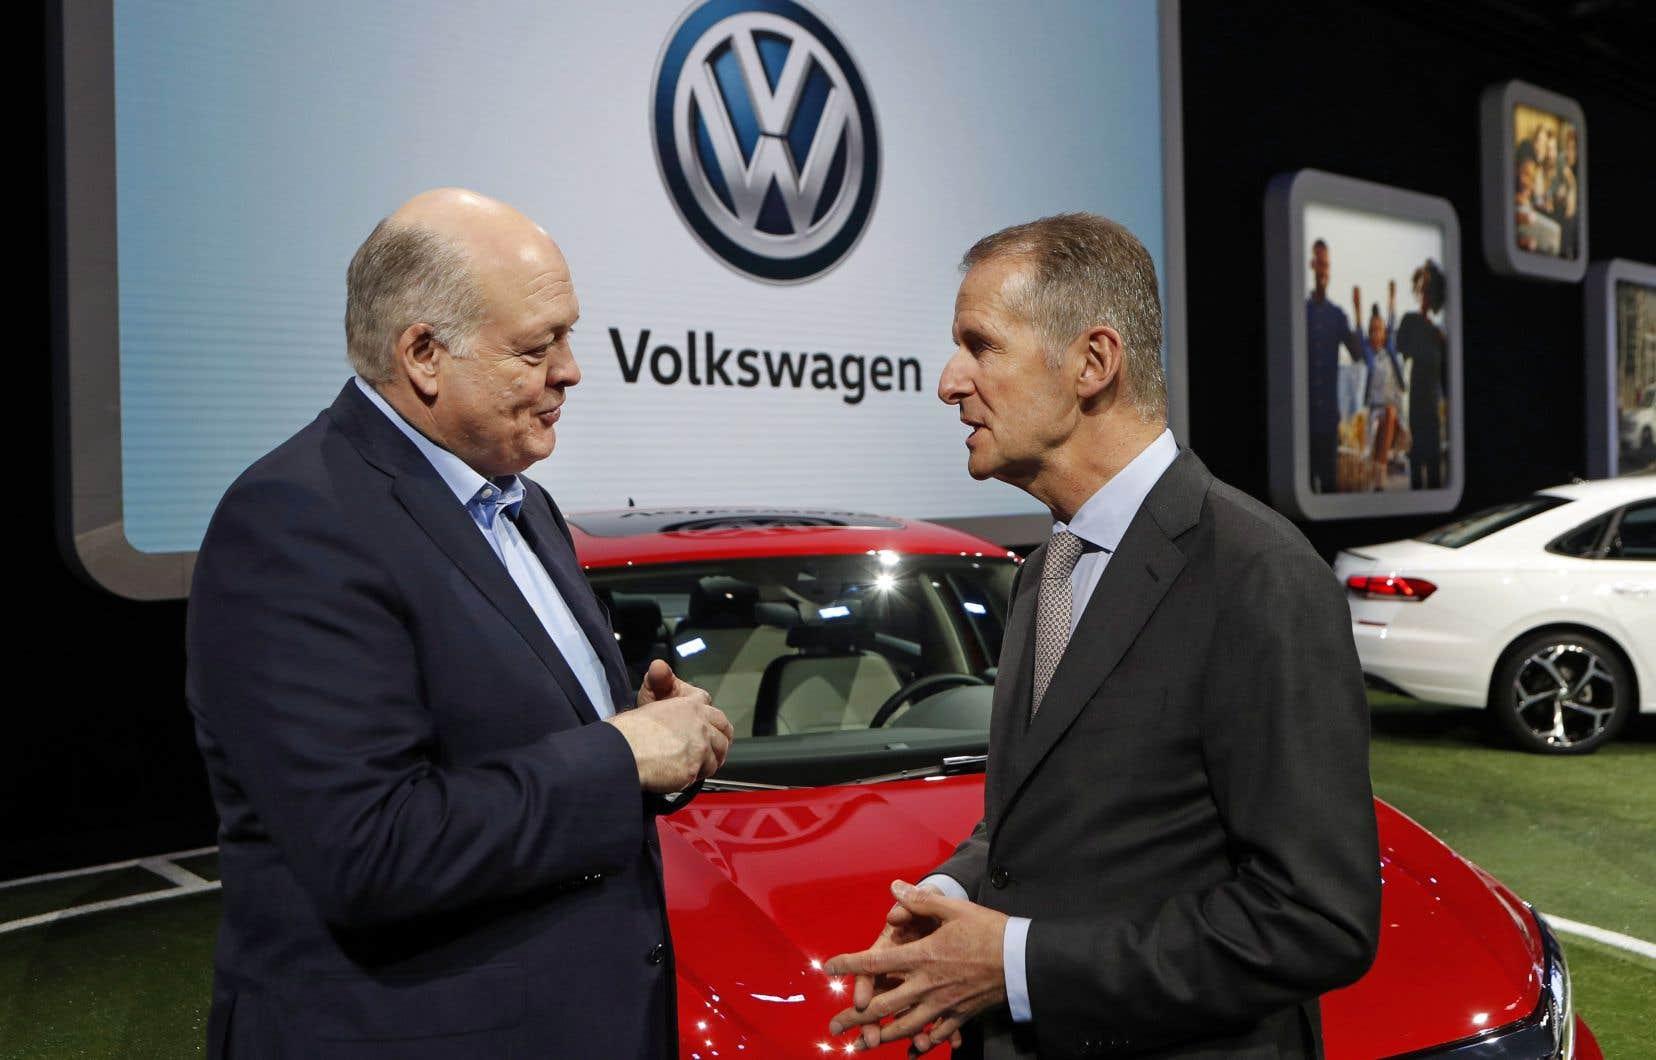 Les chefs de la direction de Ford et de Volkswagen, Jim Hacket et Herbert Diess, discutent au salon de l'automobile de Detroit.